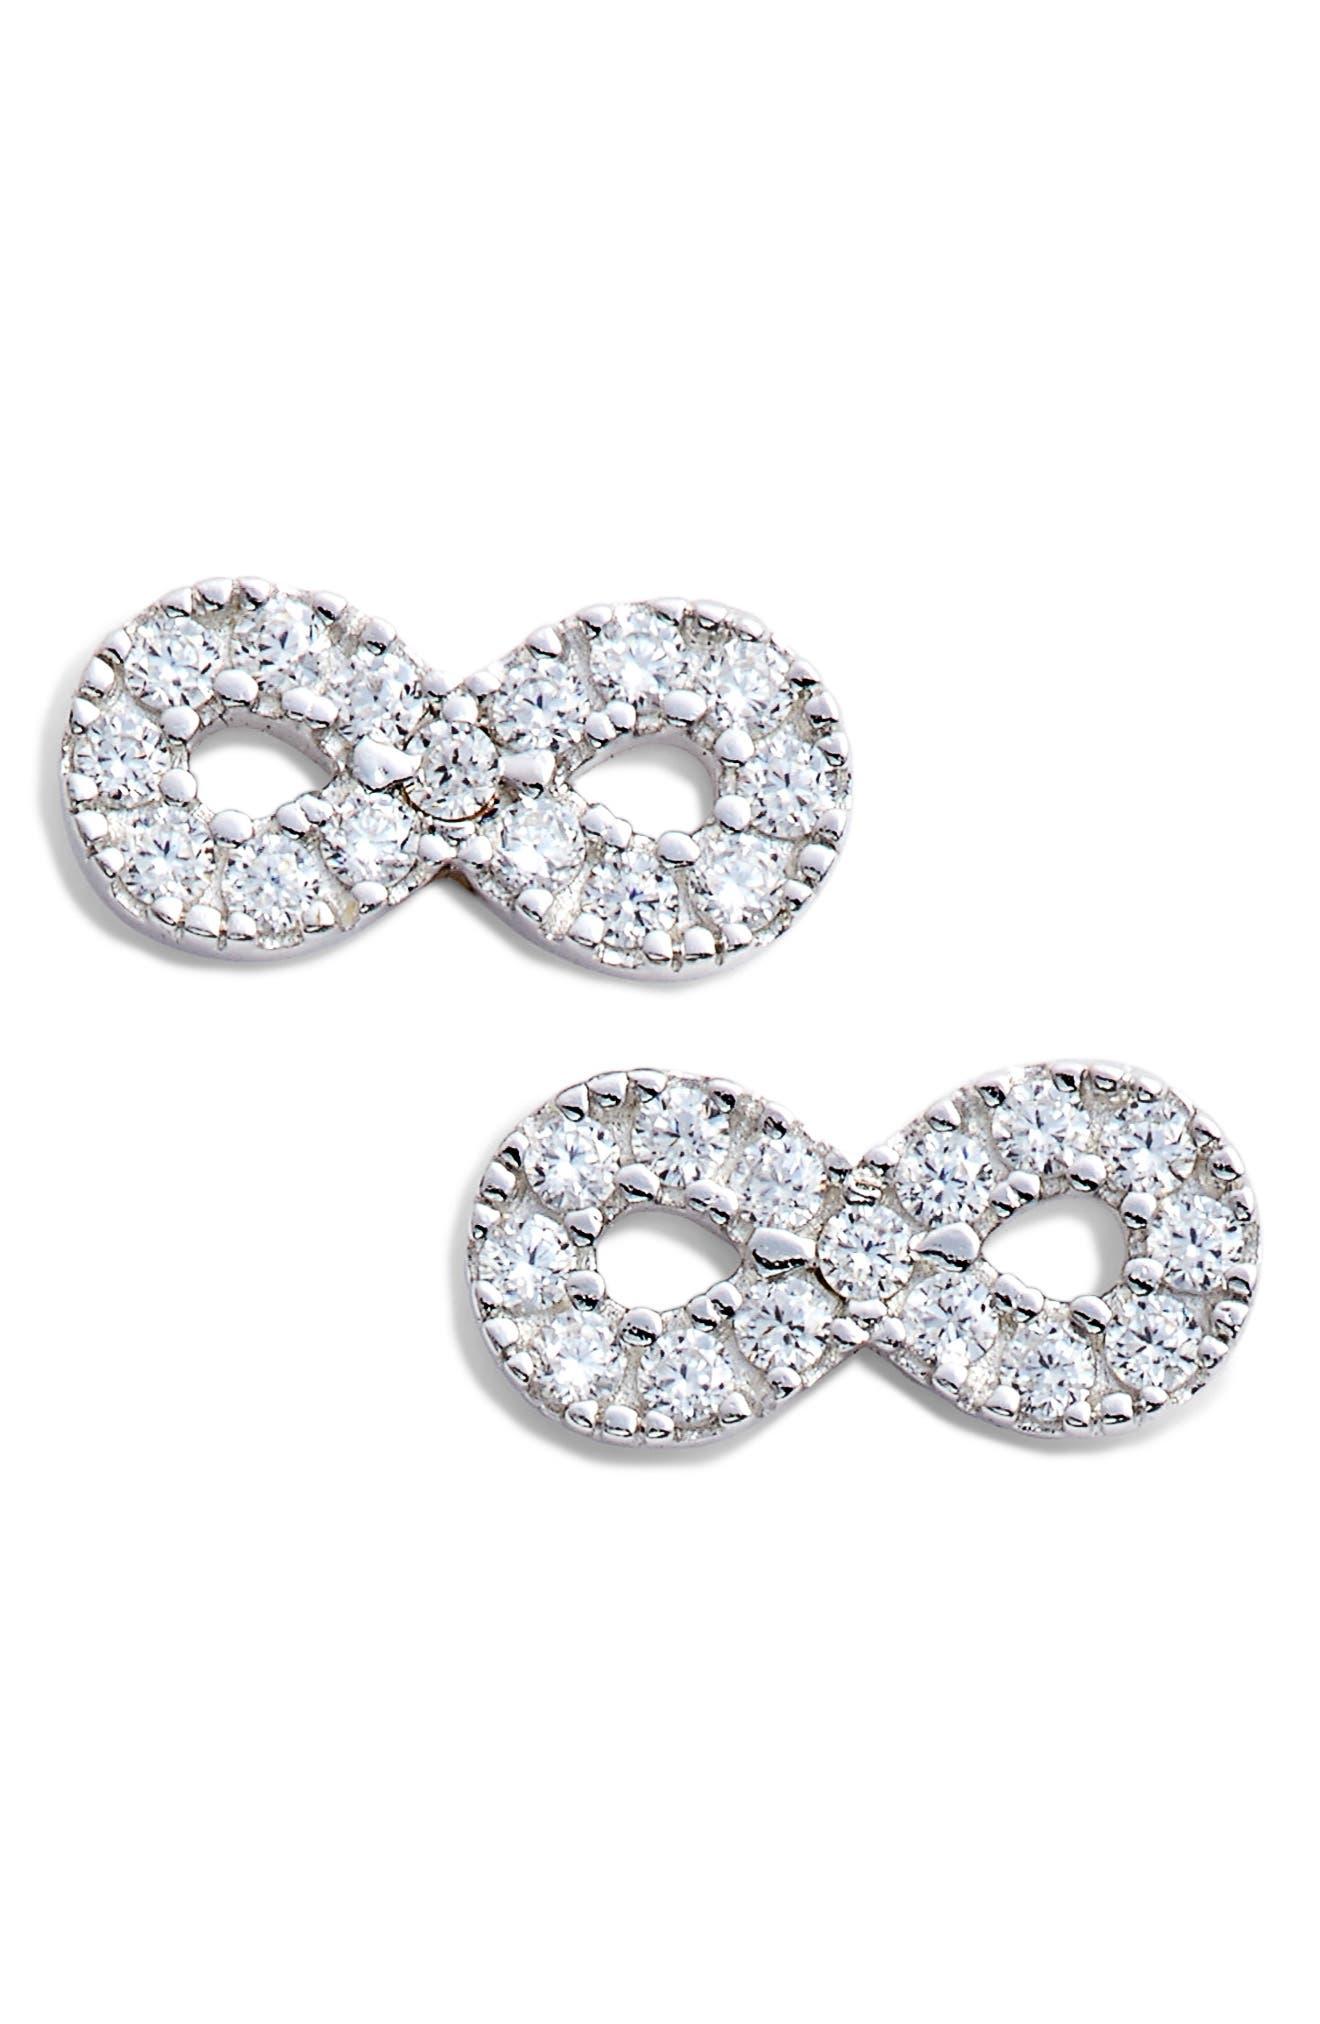 Infinity Stud Earrings,                             Main thumbnail 1, color,                             040